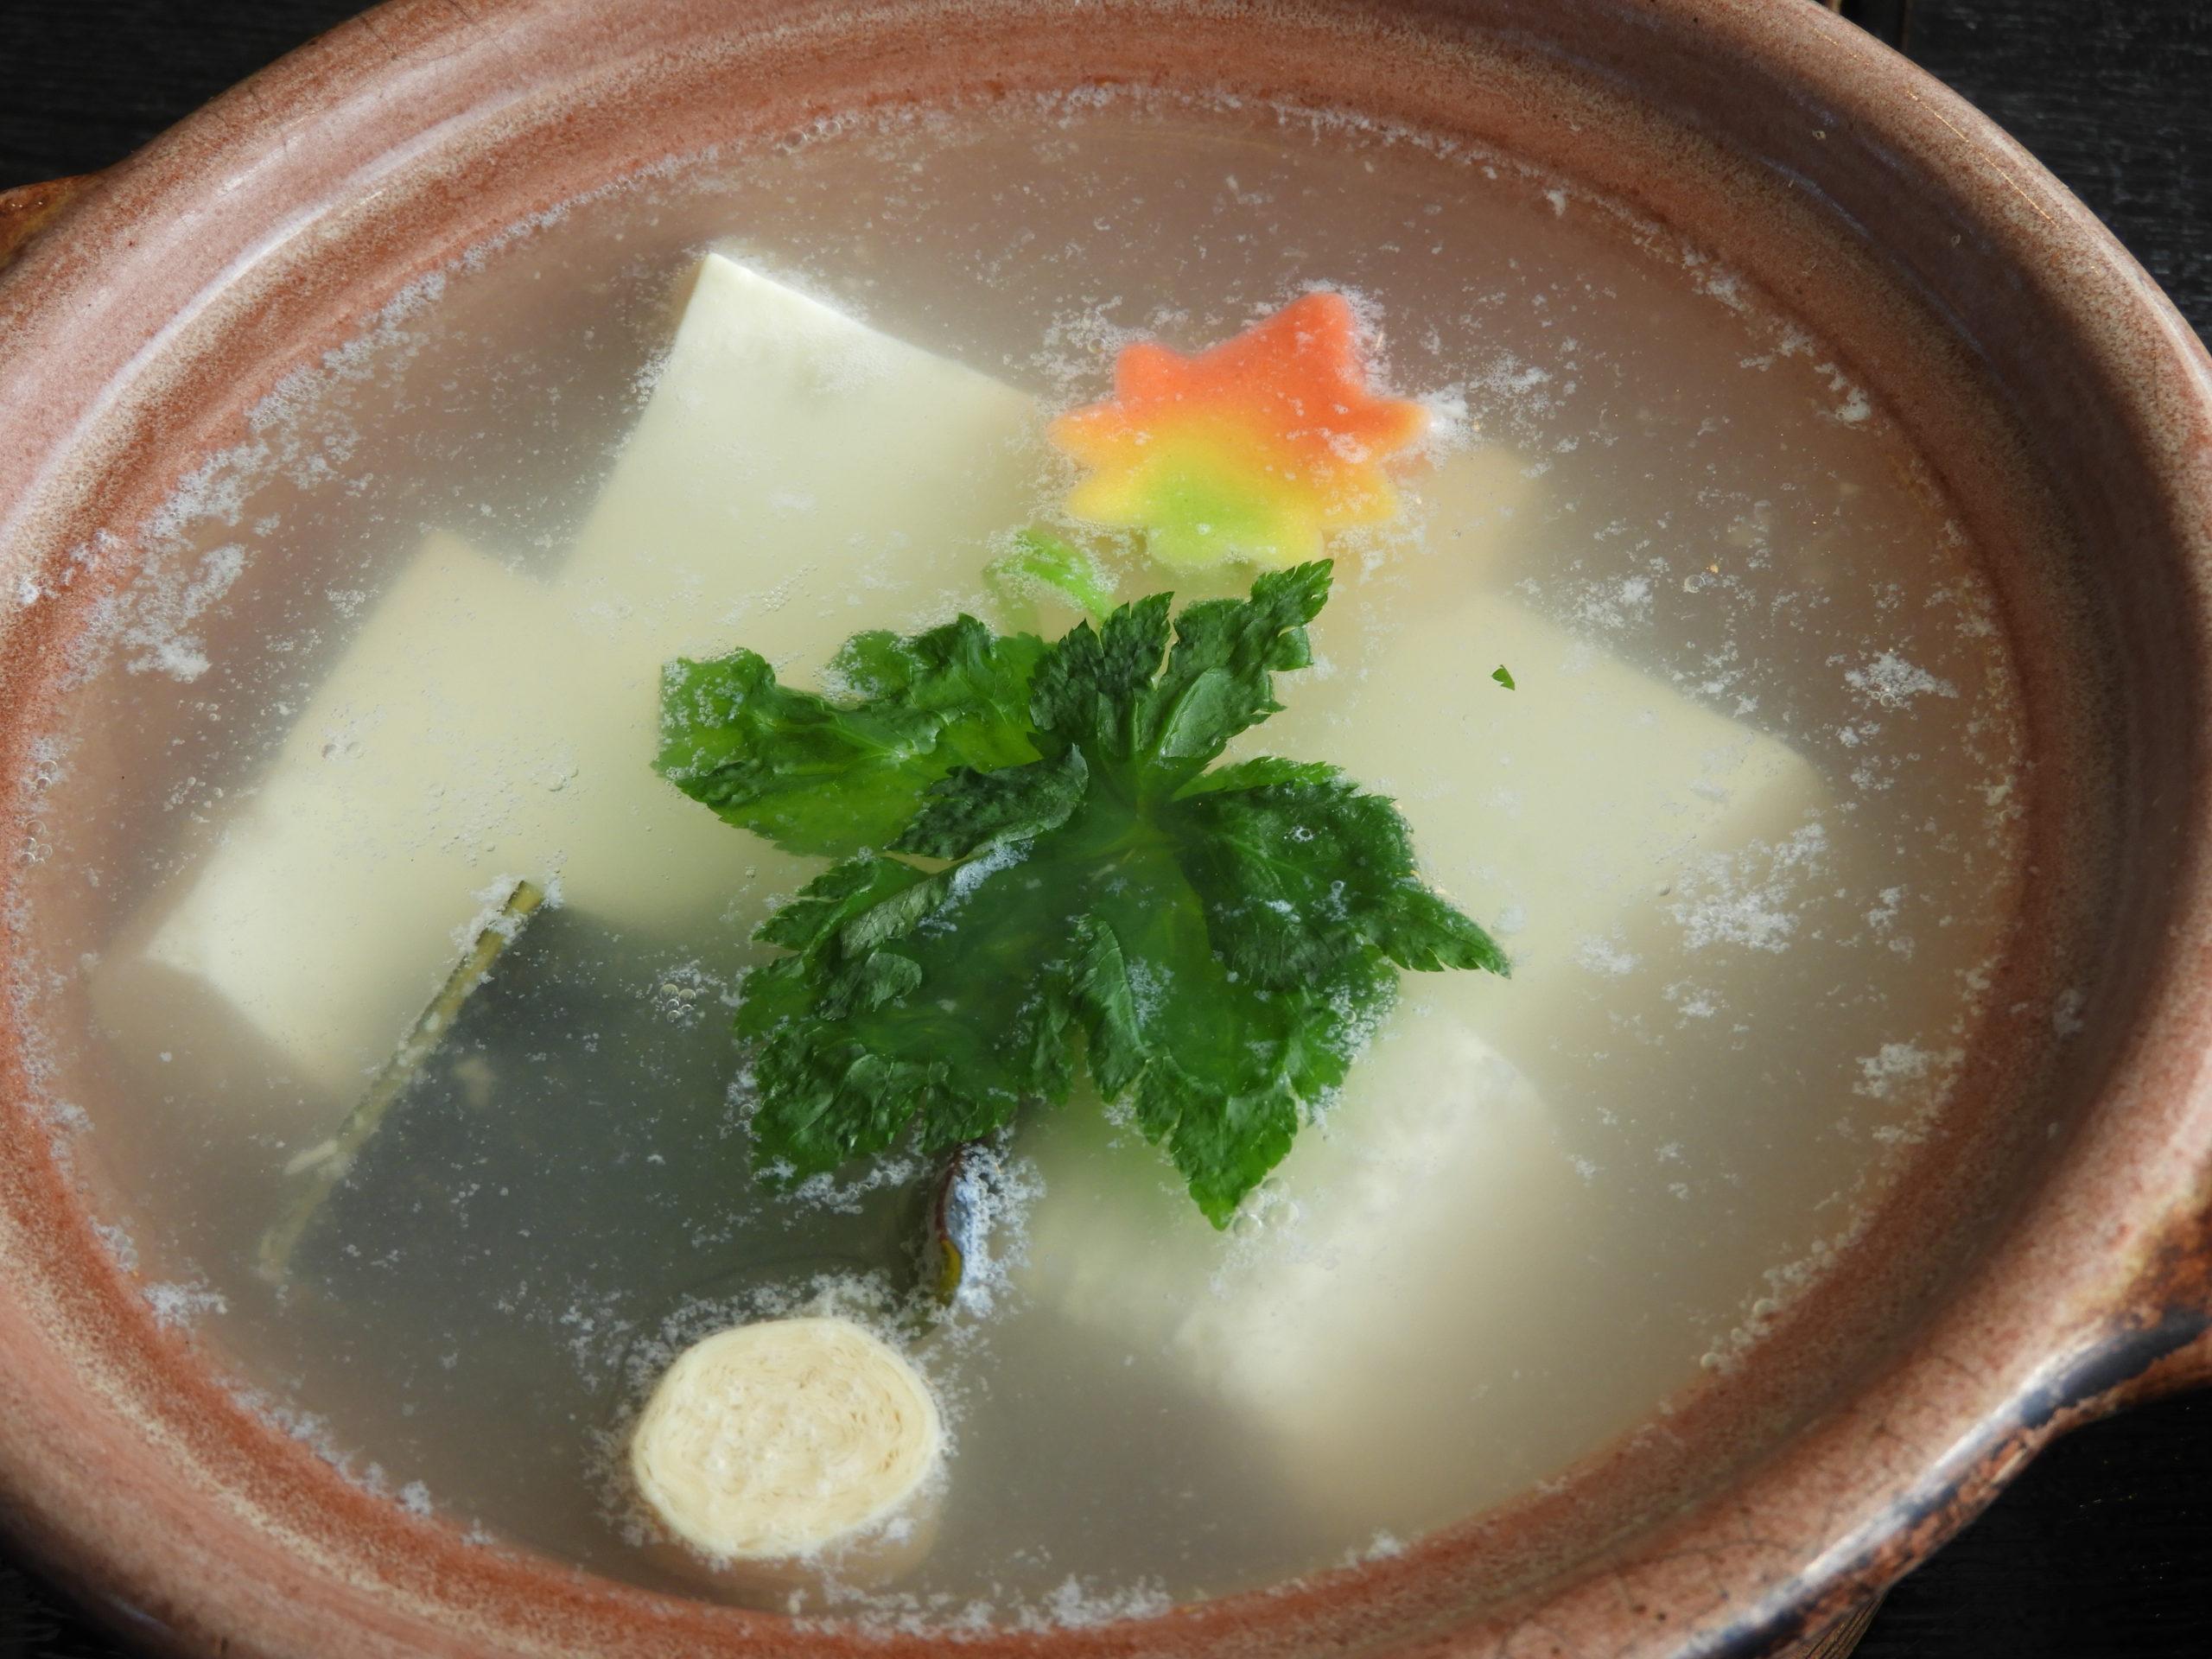 【アイモバリアルグルメツアー】二条城/御所周辺エリアの湯豆腐に舌鼓を打つ